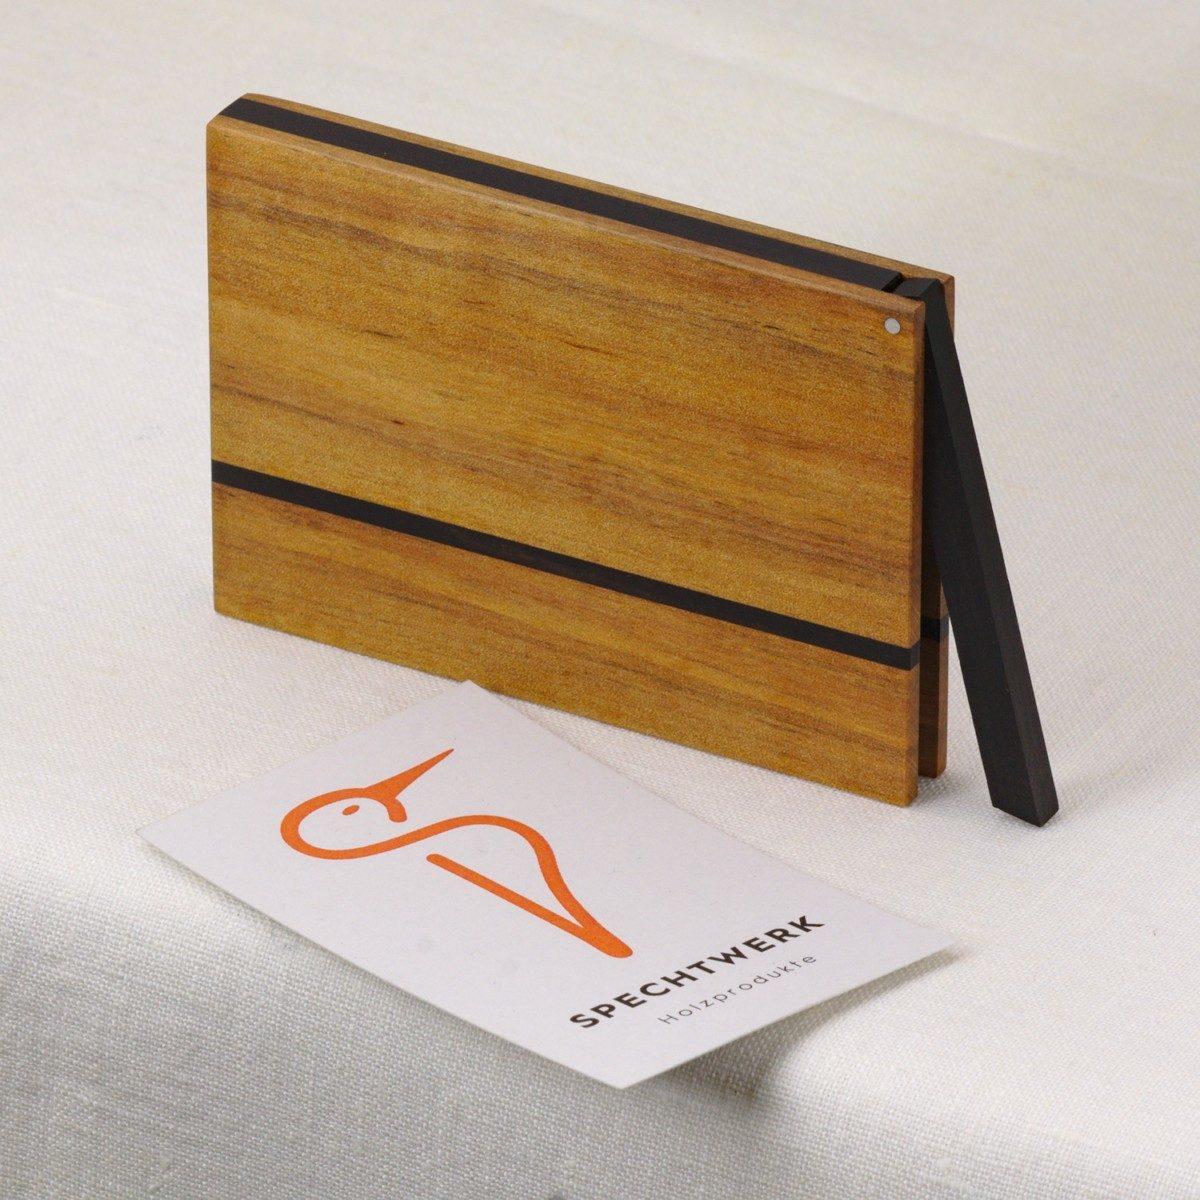 Kreditkartenetui Modell »Helene« aus Birnenholz. Handgefertigt in Deutschland. Kantige Form für Kartengröße 55x85mm und 55x90mm.